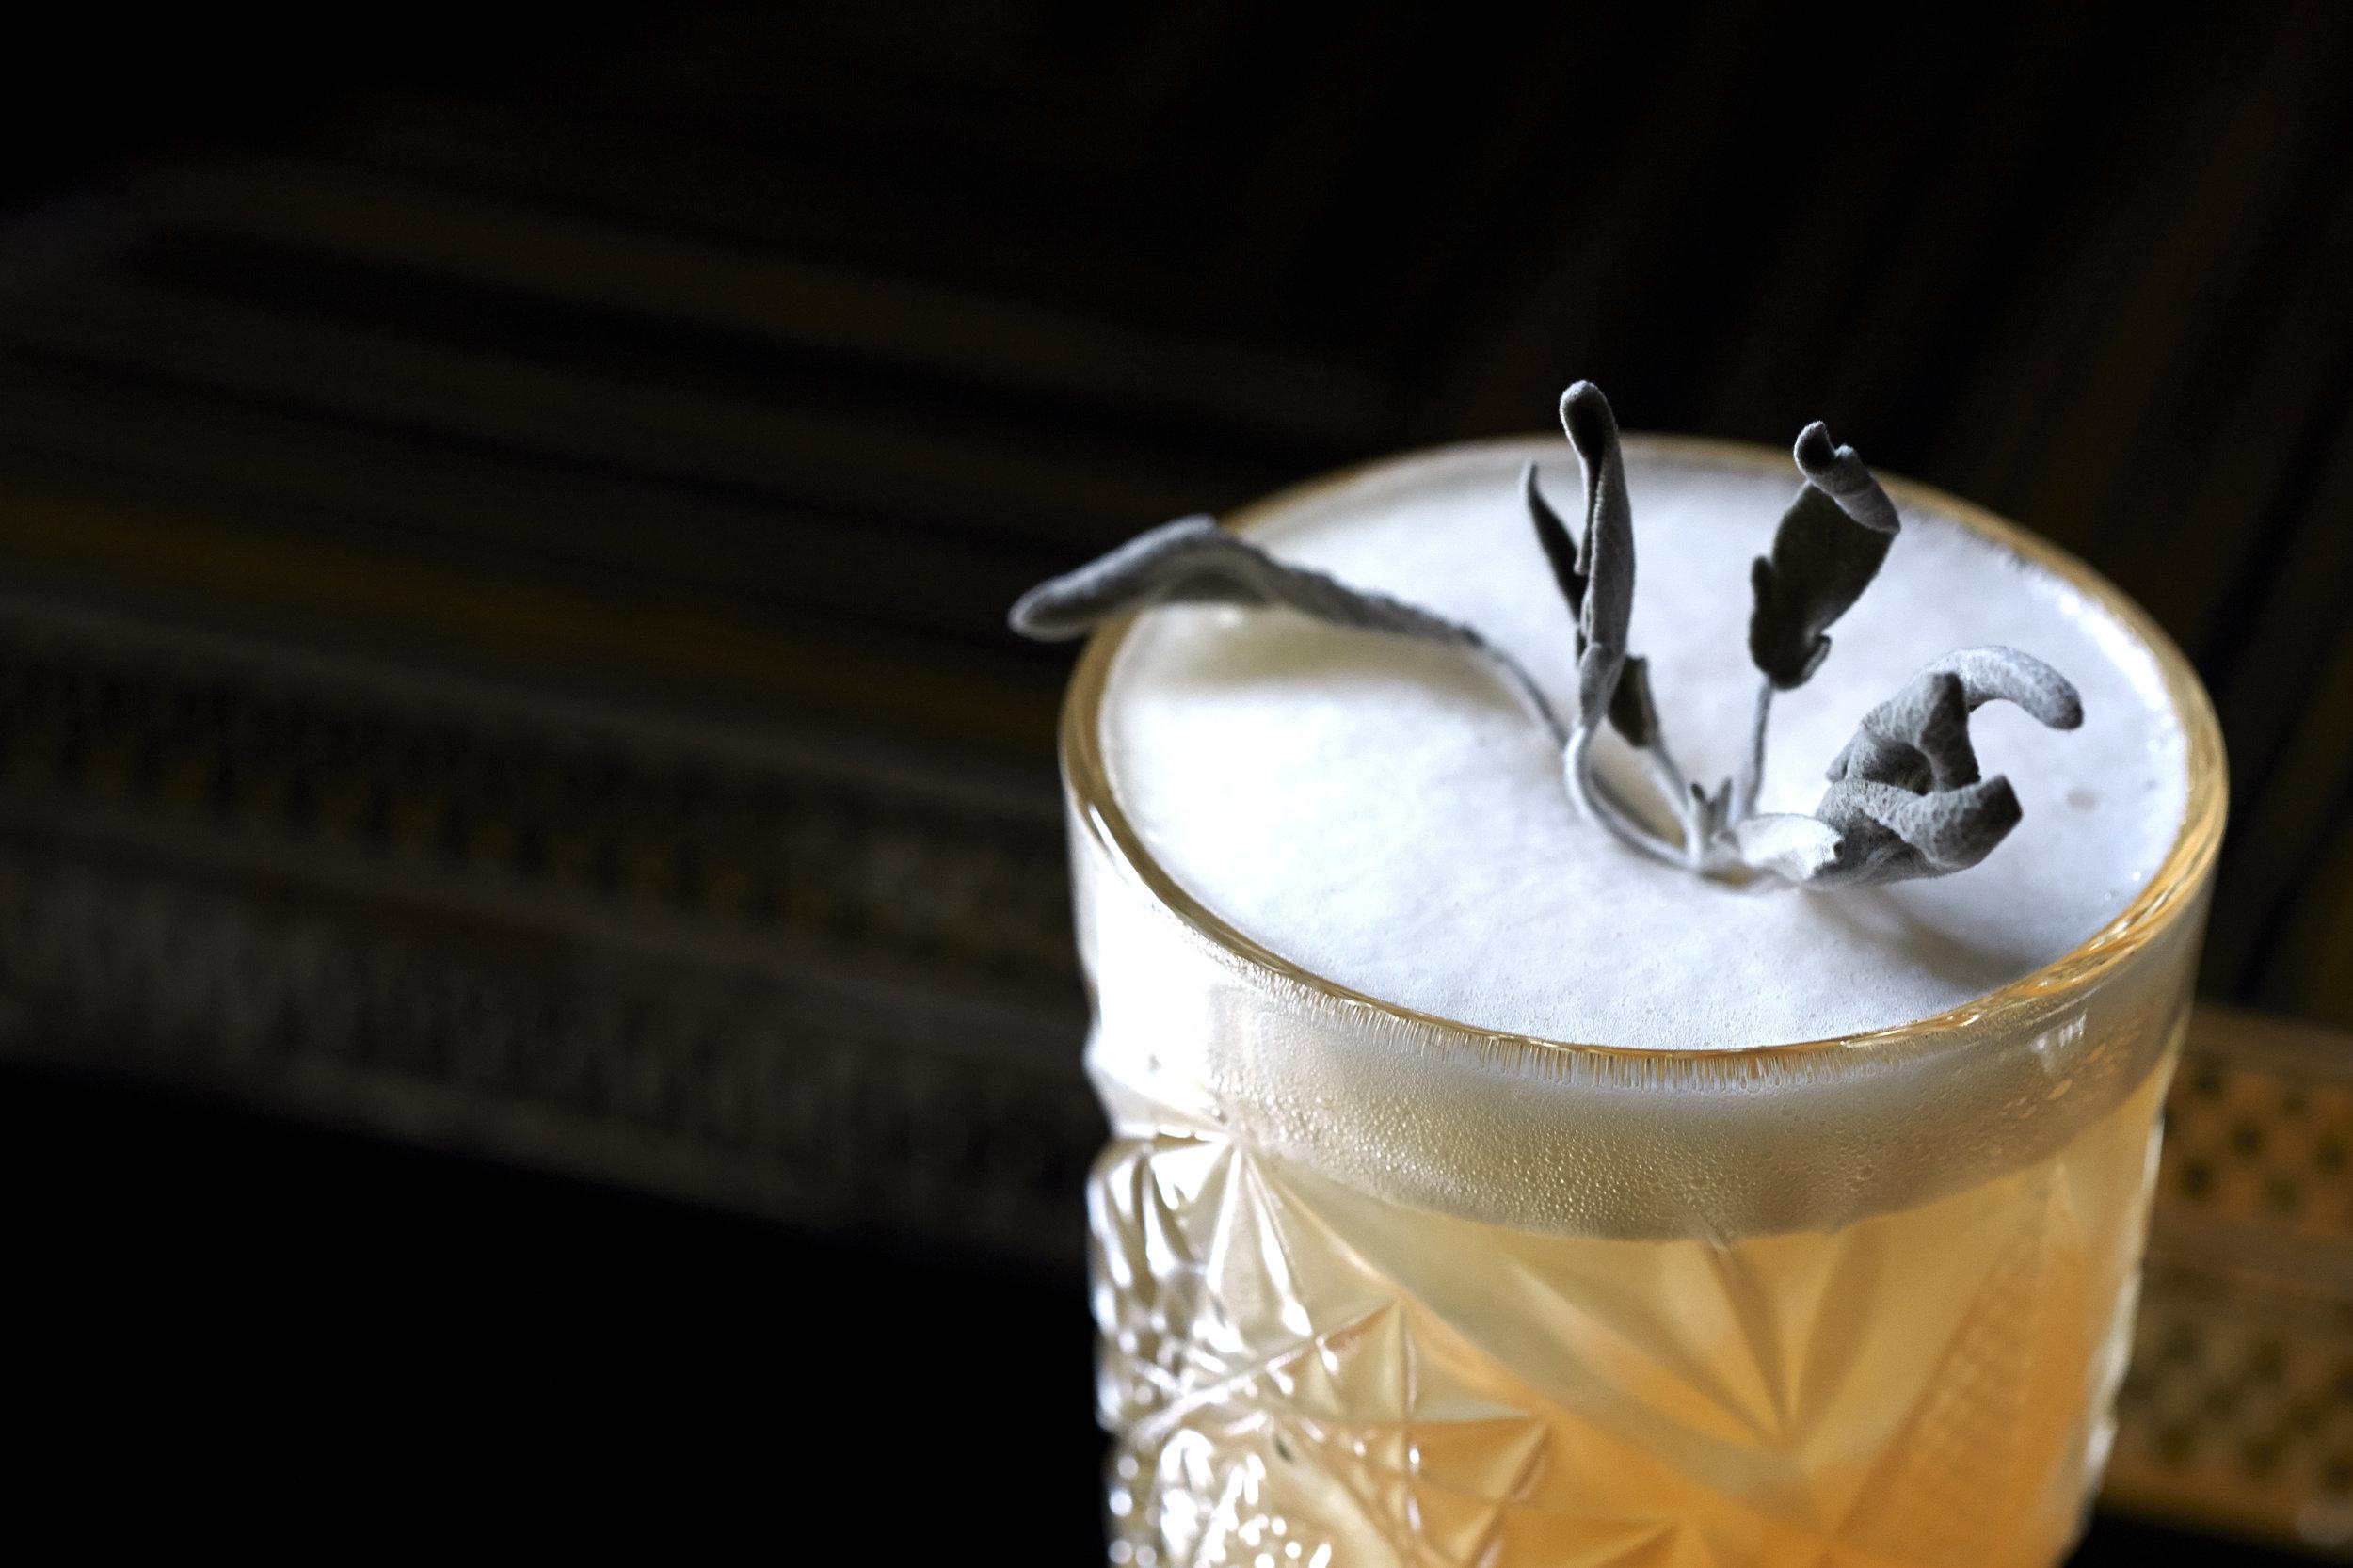 16-02-02 Eaton Sq Bar Cocktail Shoot5490.jpg